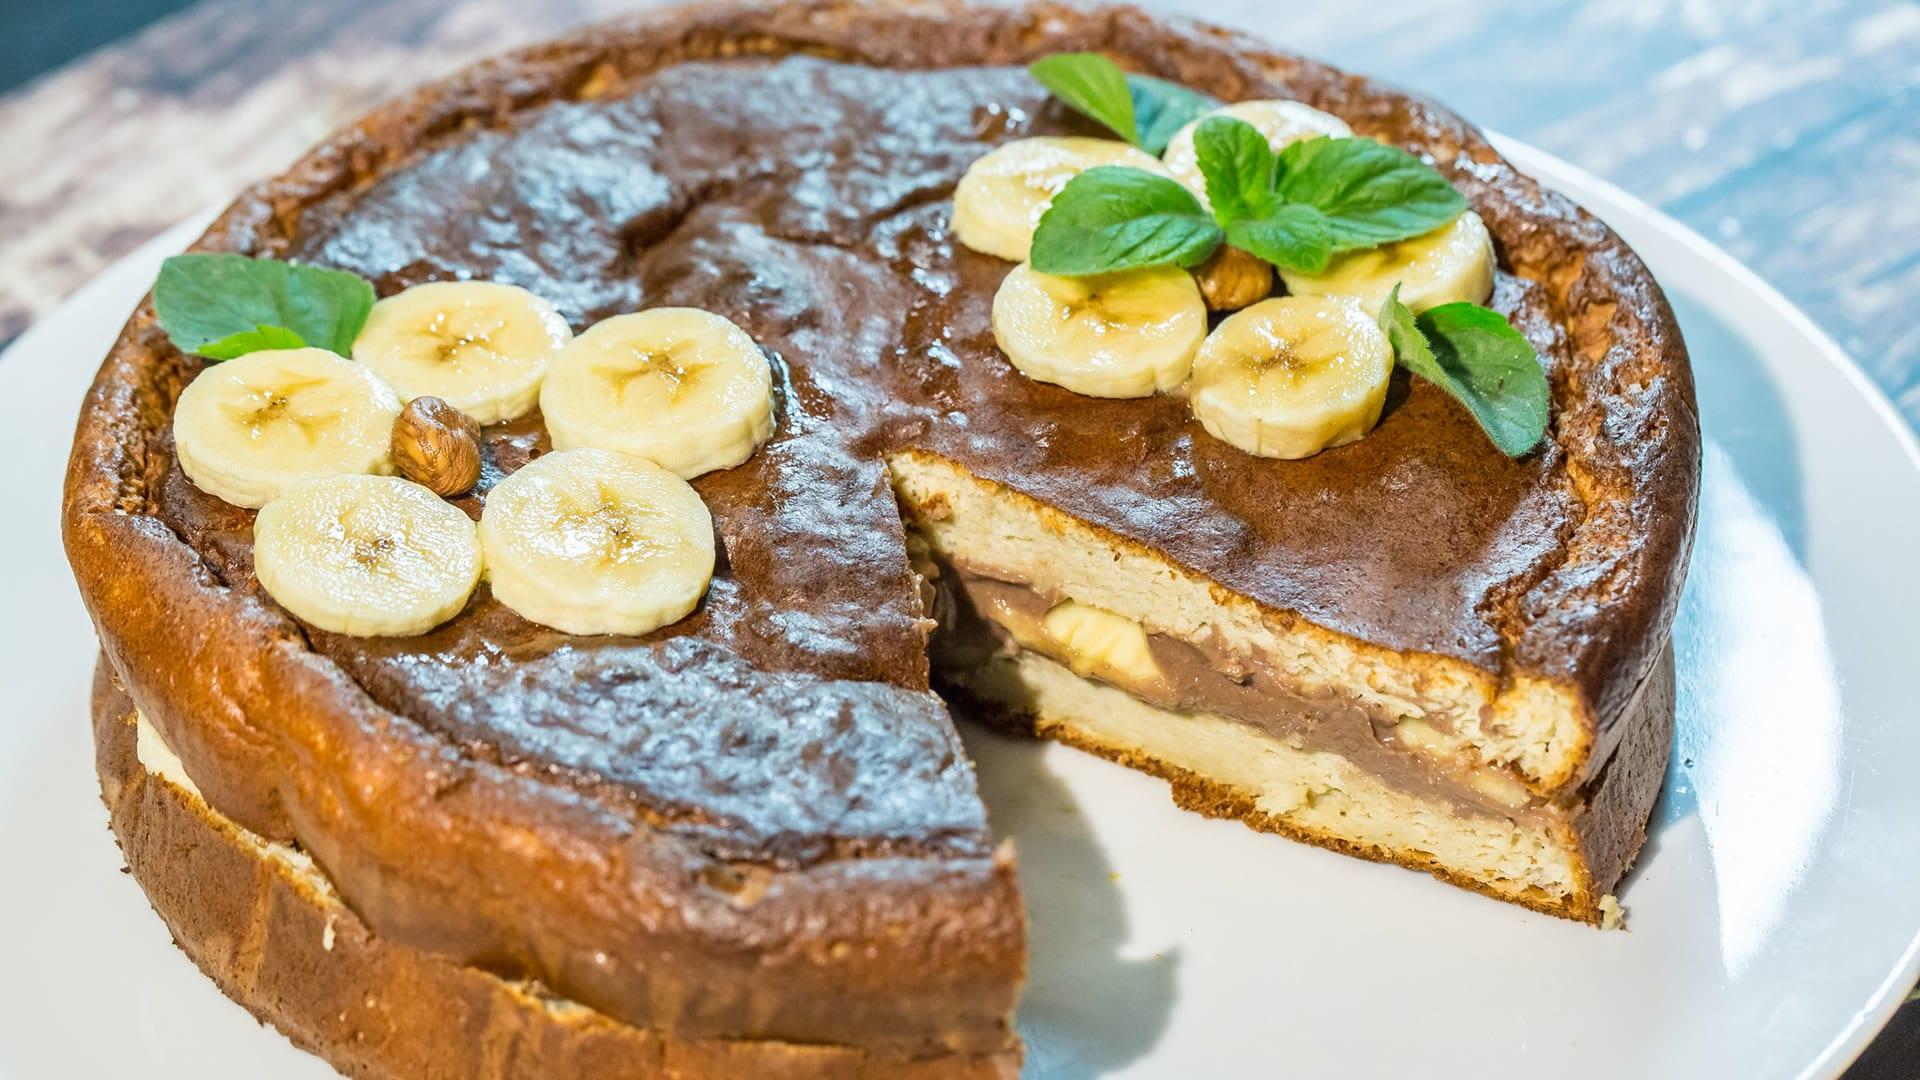 Torta banana e avocado con cremor tartaro